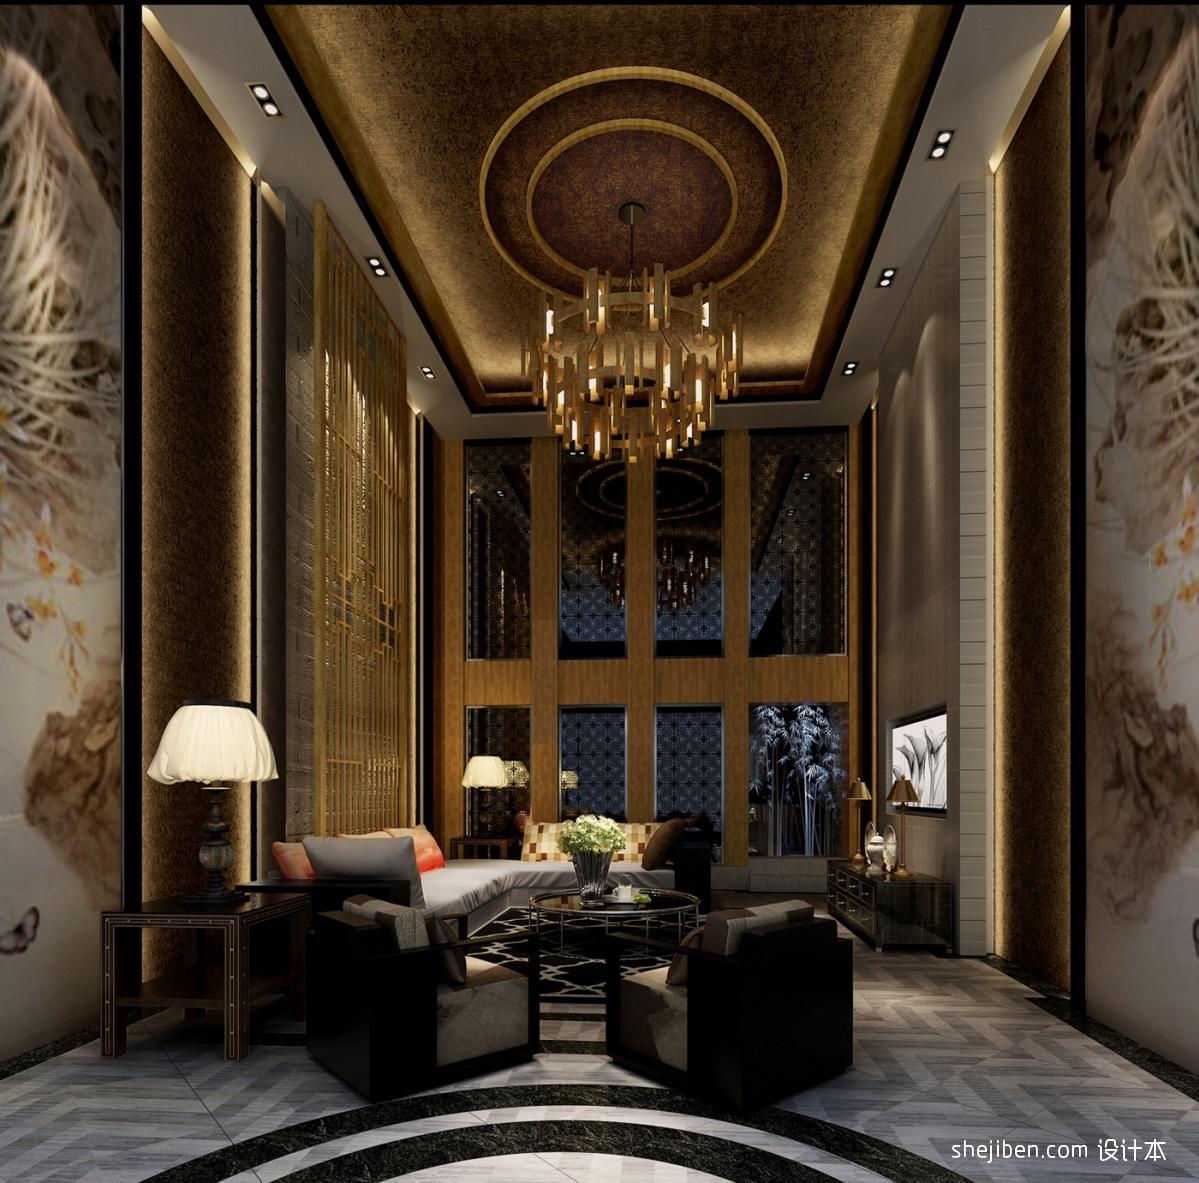 中式客厅吊顶效果图 (2/5)图片